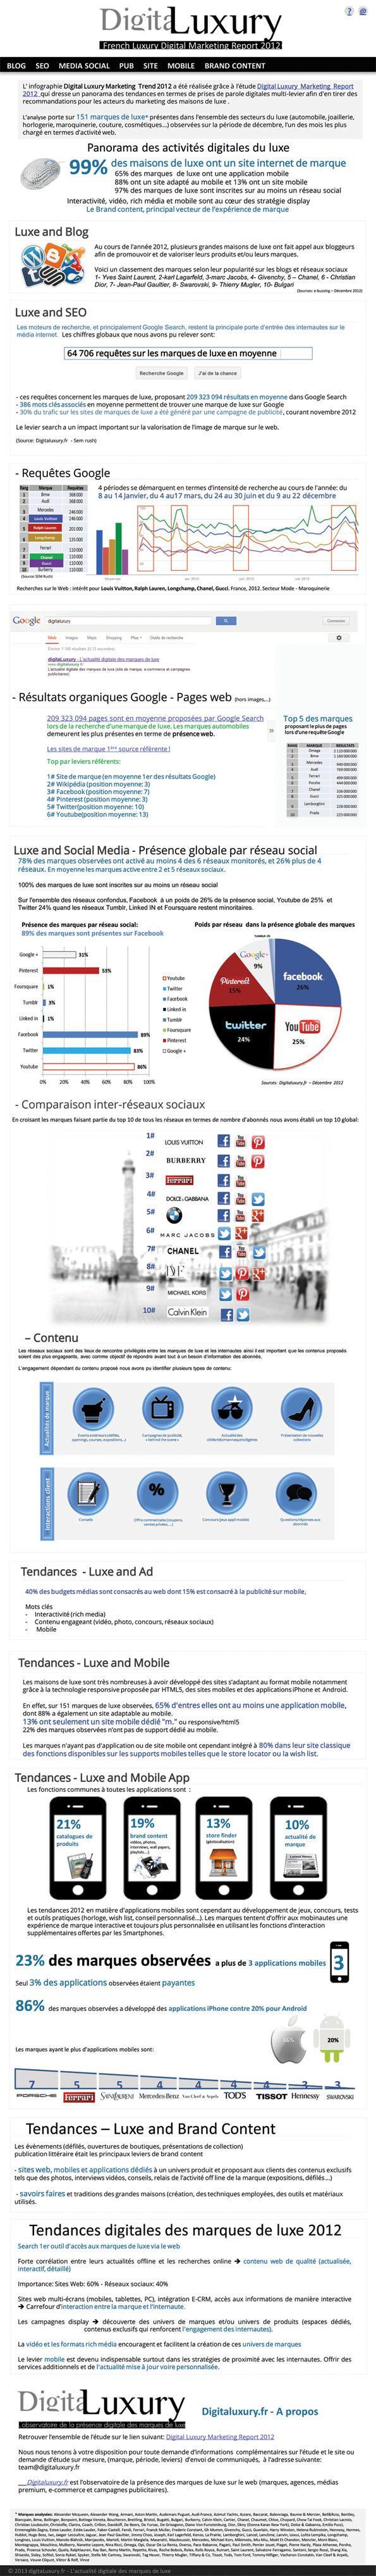 [Infographie]  les données clés du luxe sur le digital, par Digitaluxury